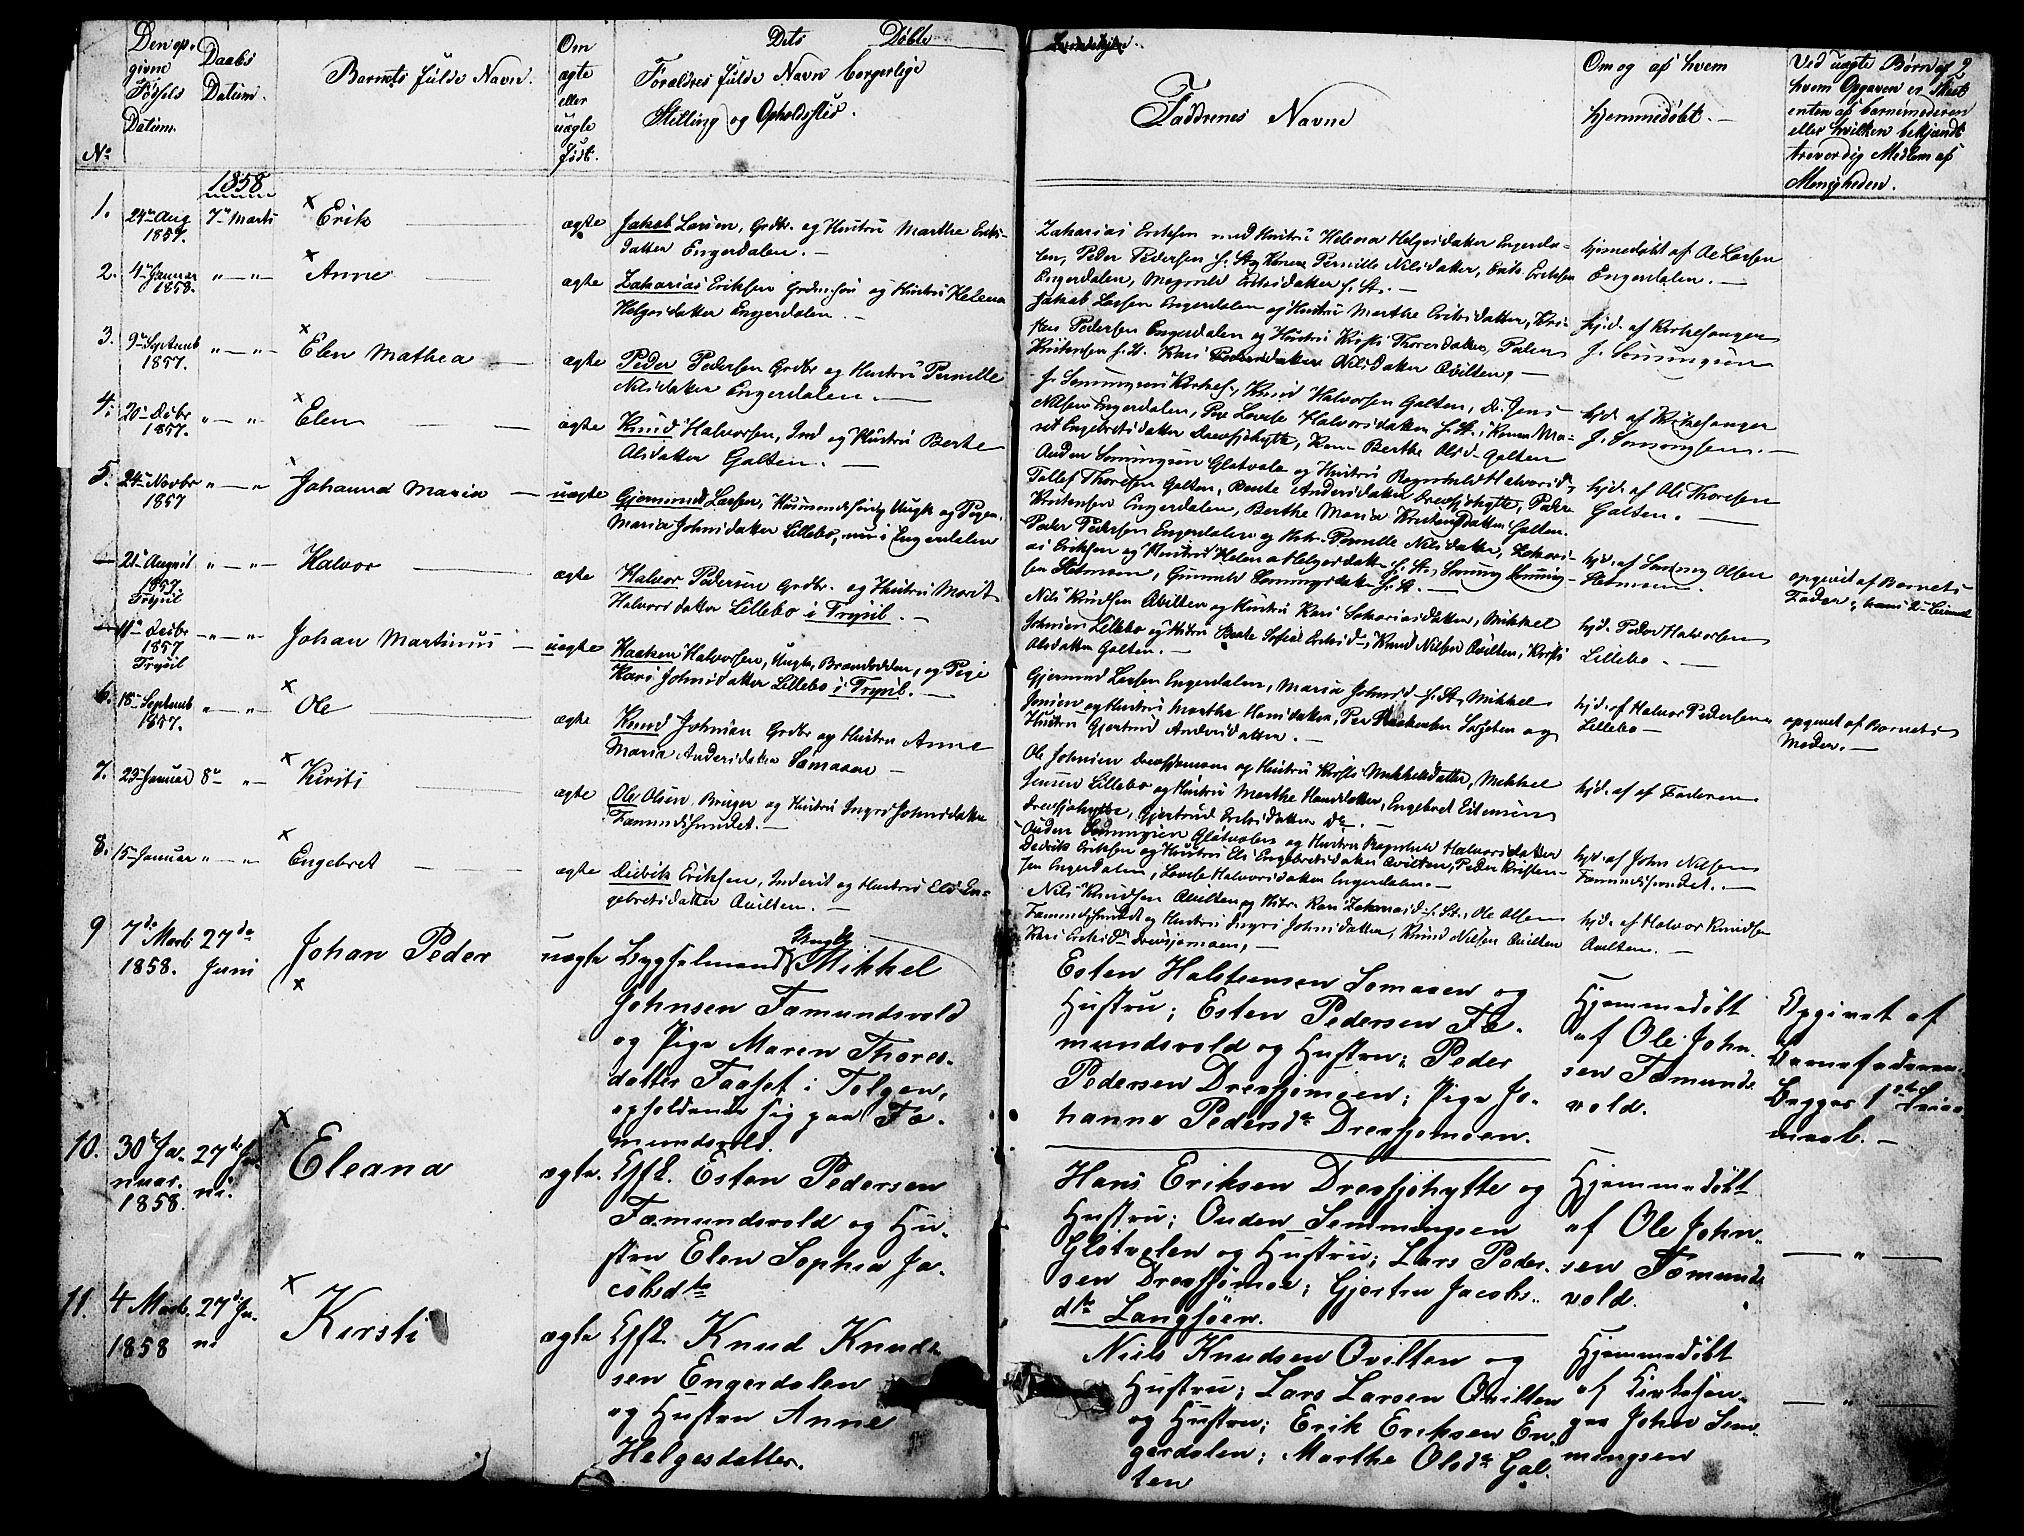 SAH, Rendalen prestekontor, H/Ha/Hab/L0002: Klokkerbok nr. 2, 1858-1880, s. 2